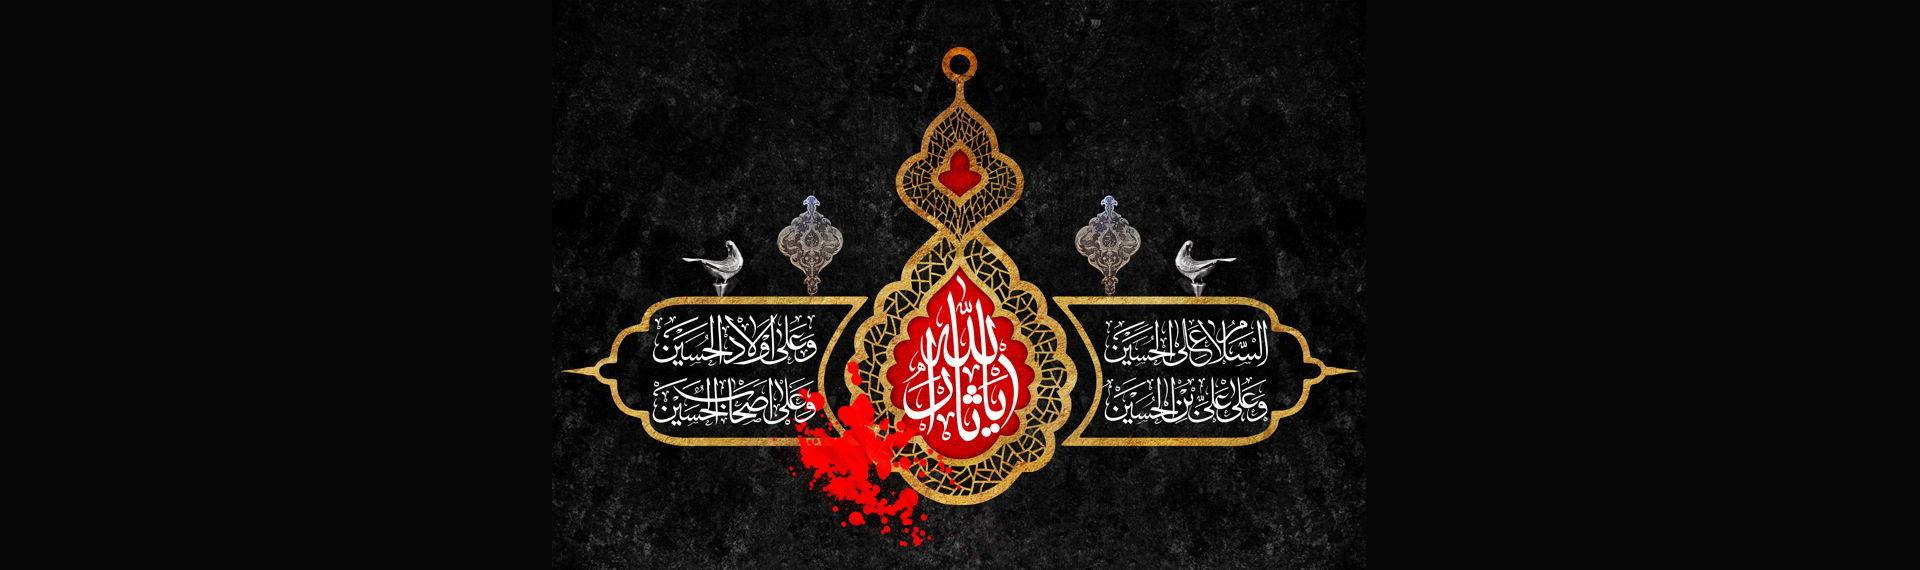 پترونول ایام سوگواری سالار و سرور شهیدان امام حسین تسلیت باد